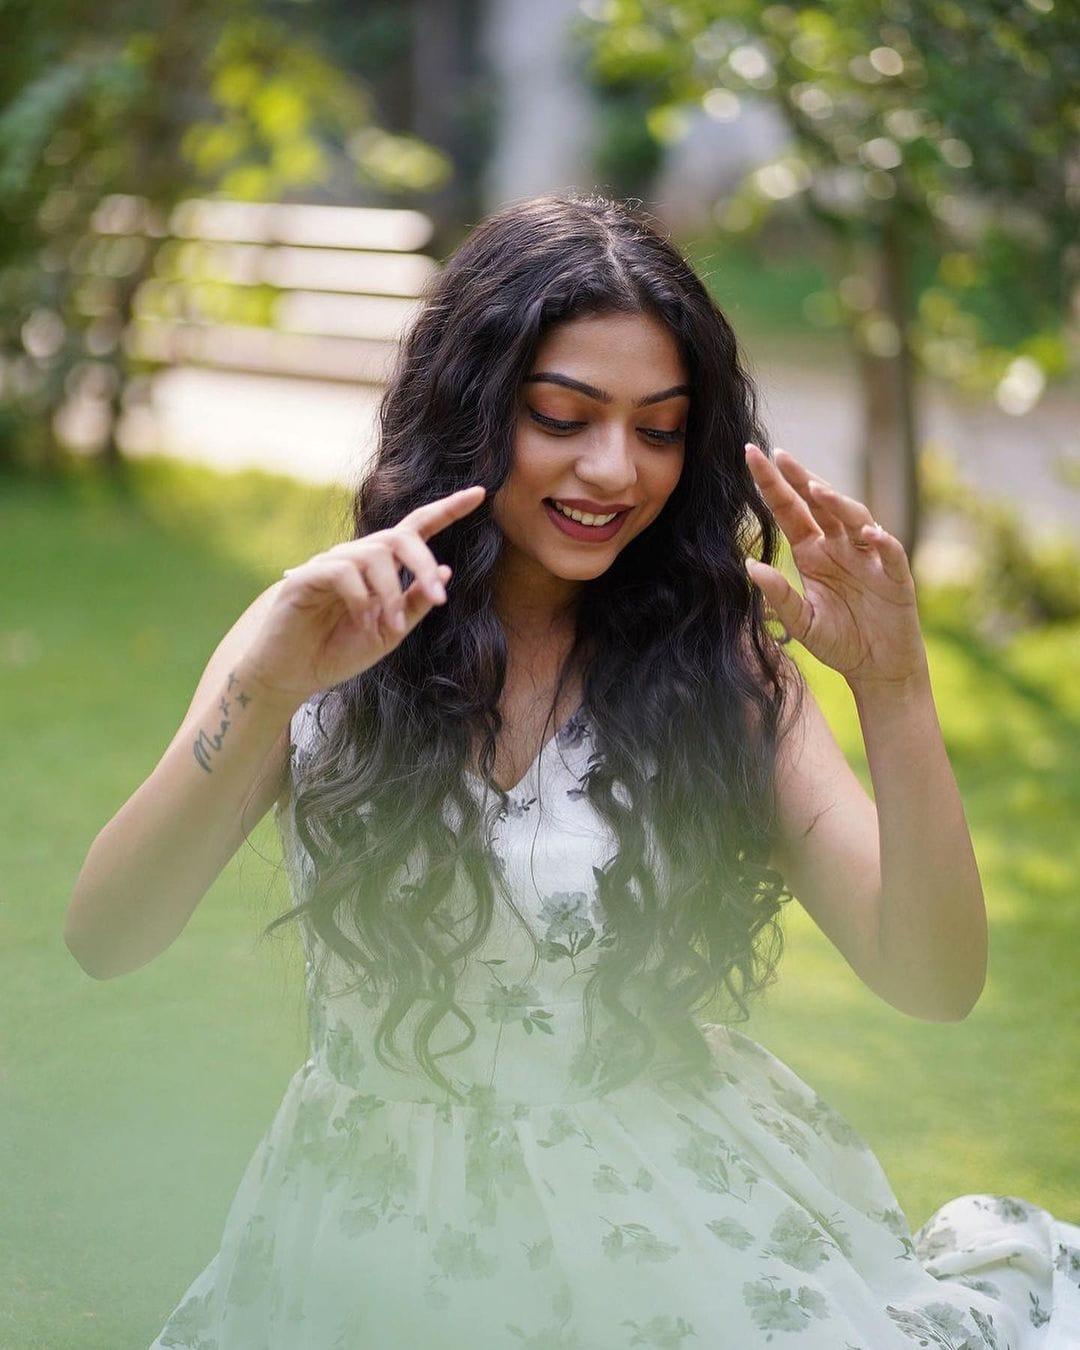 మిడిల్ క్లాస్ మెలోడీ సినిమా హీరోయిన్ వర్ష బొల్లమ్మ క్యూట్ ఫొటోస్ Photo Credit: Instagram